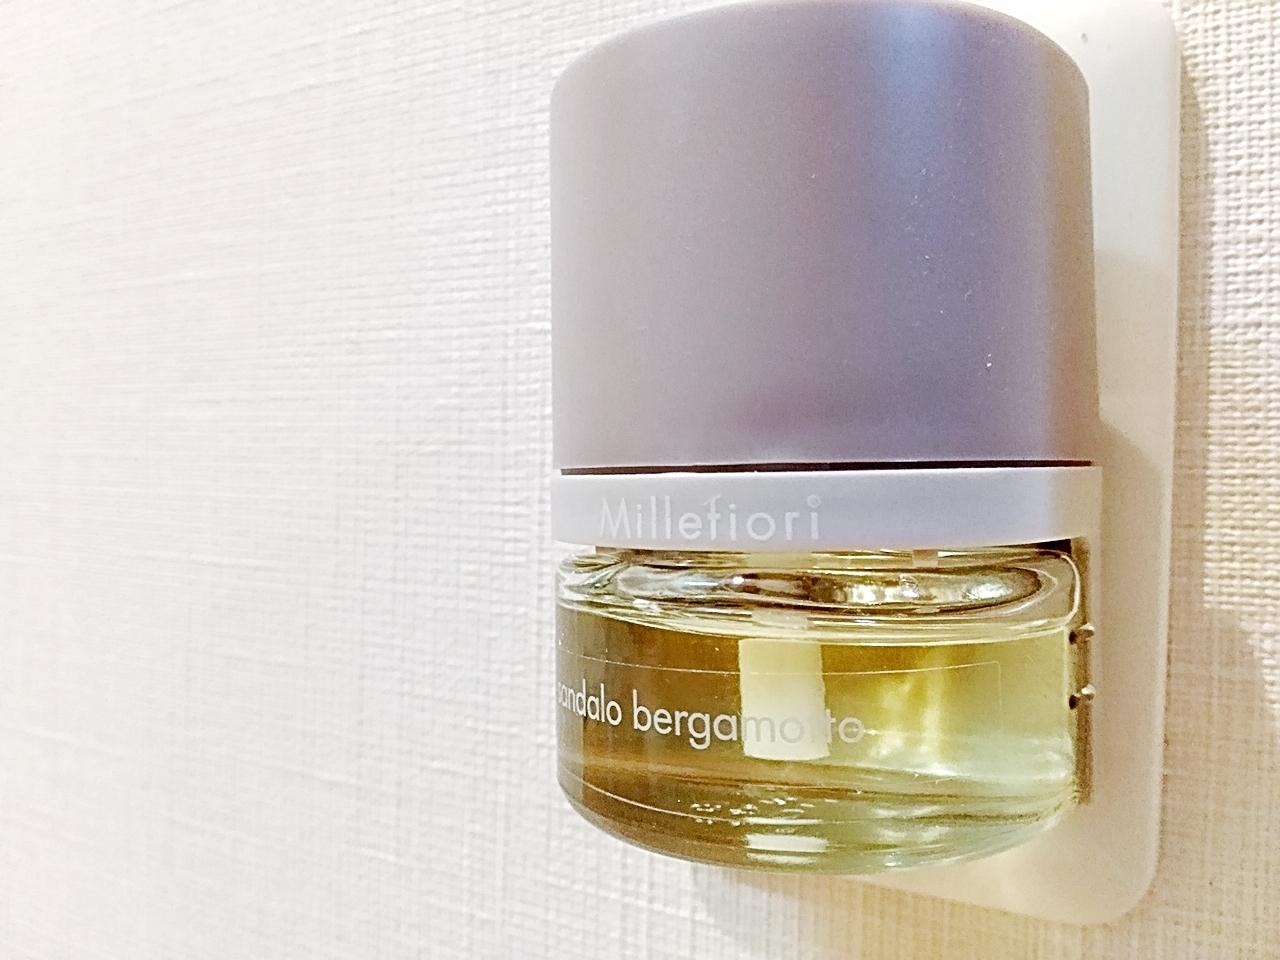 コンセントにさすだけで即上質な香りの空間作り【Millefiori(ミッレフィオーリ)プラグインディフューザーARIA】